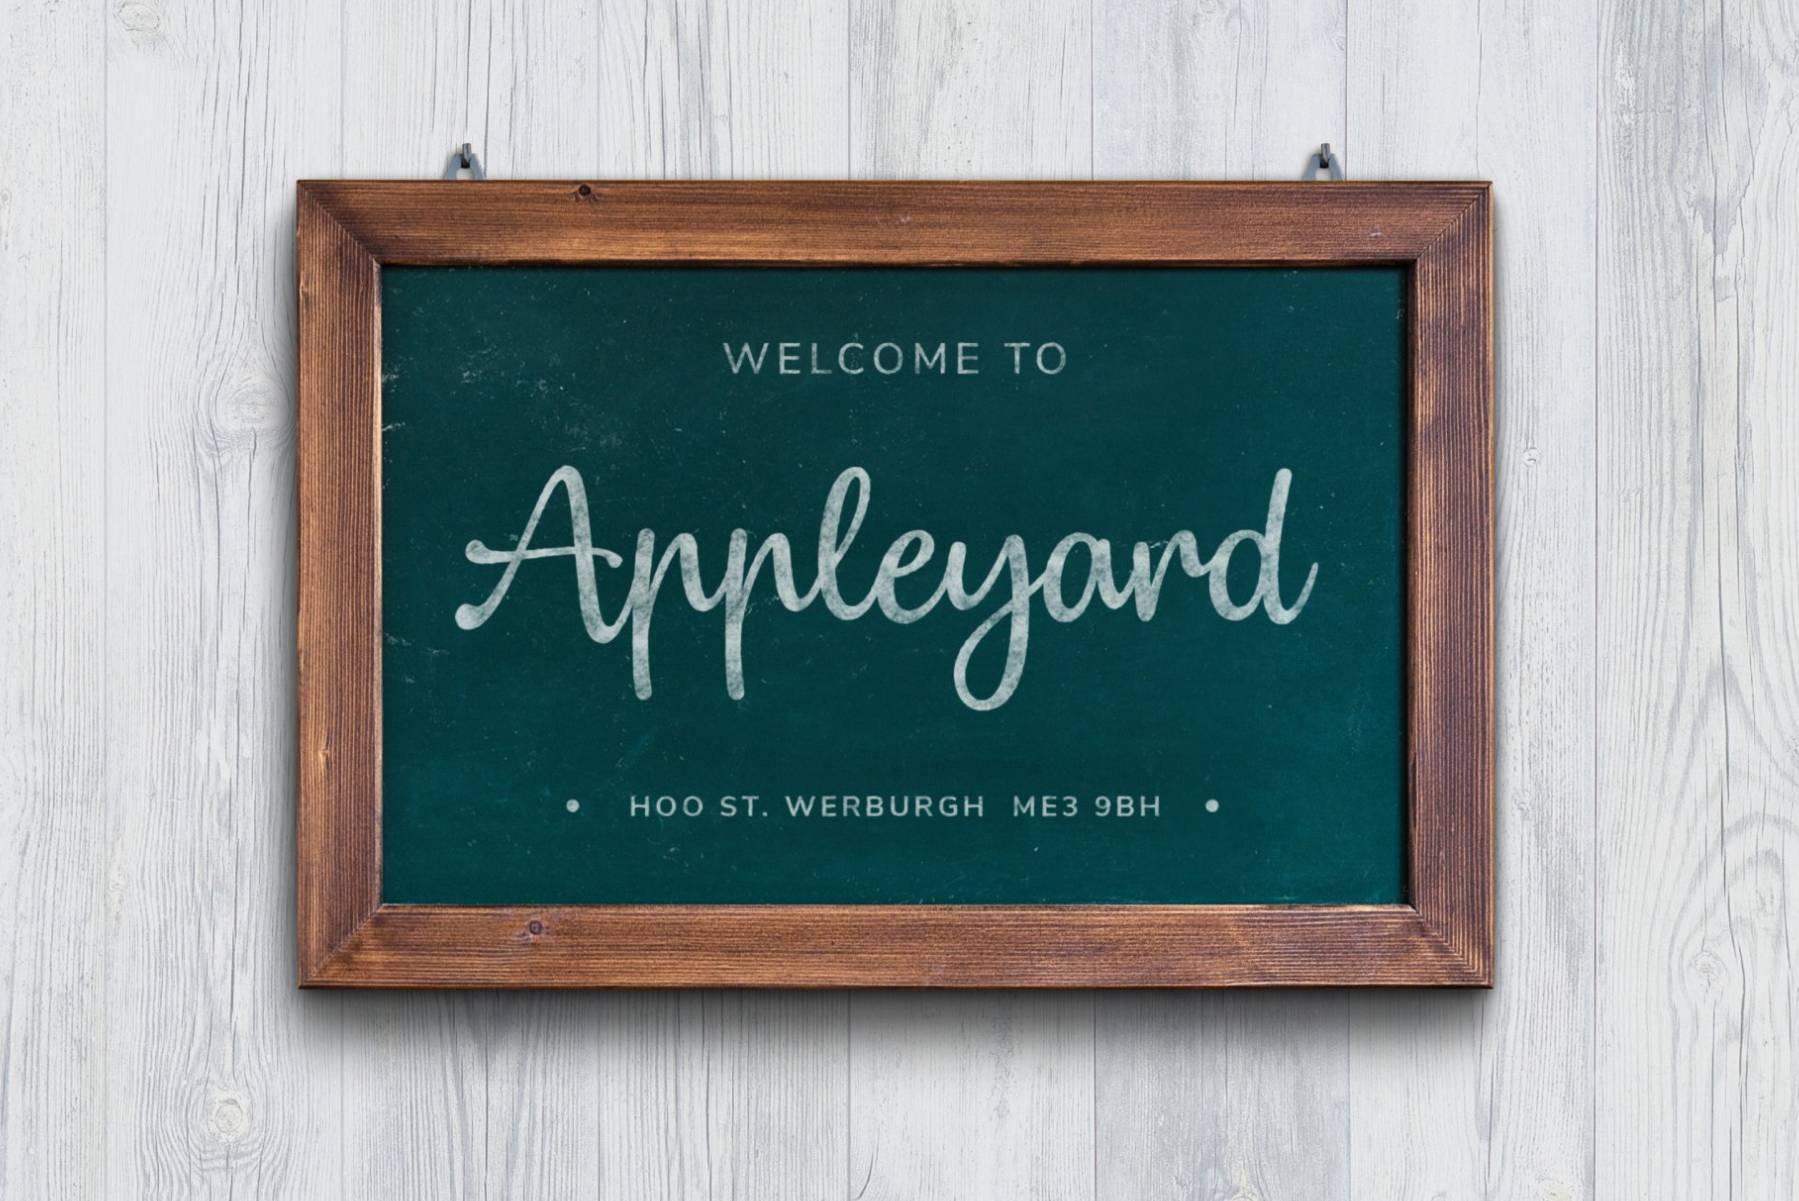 Appleyard_Tile_001